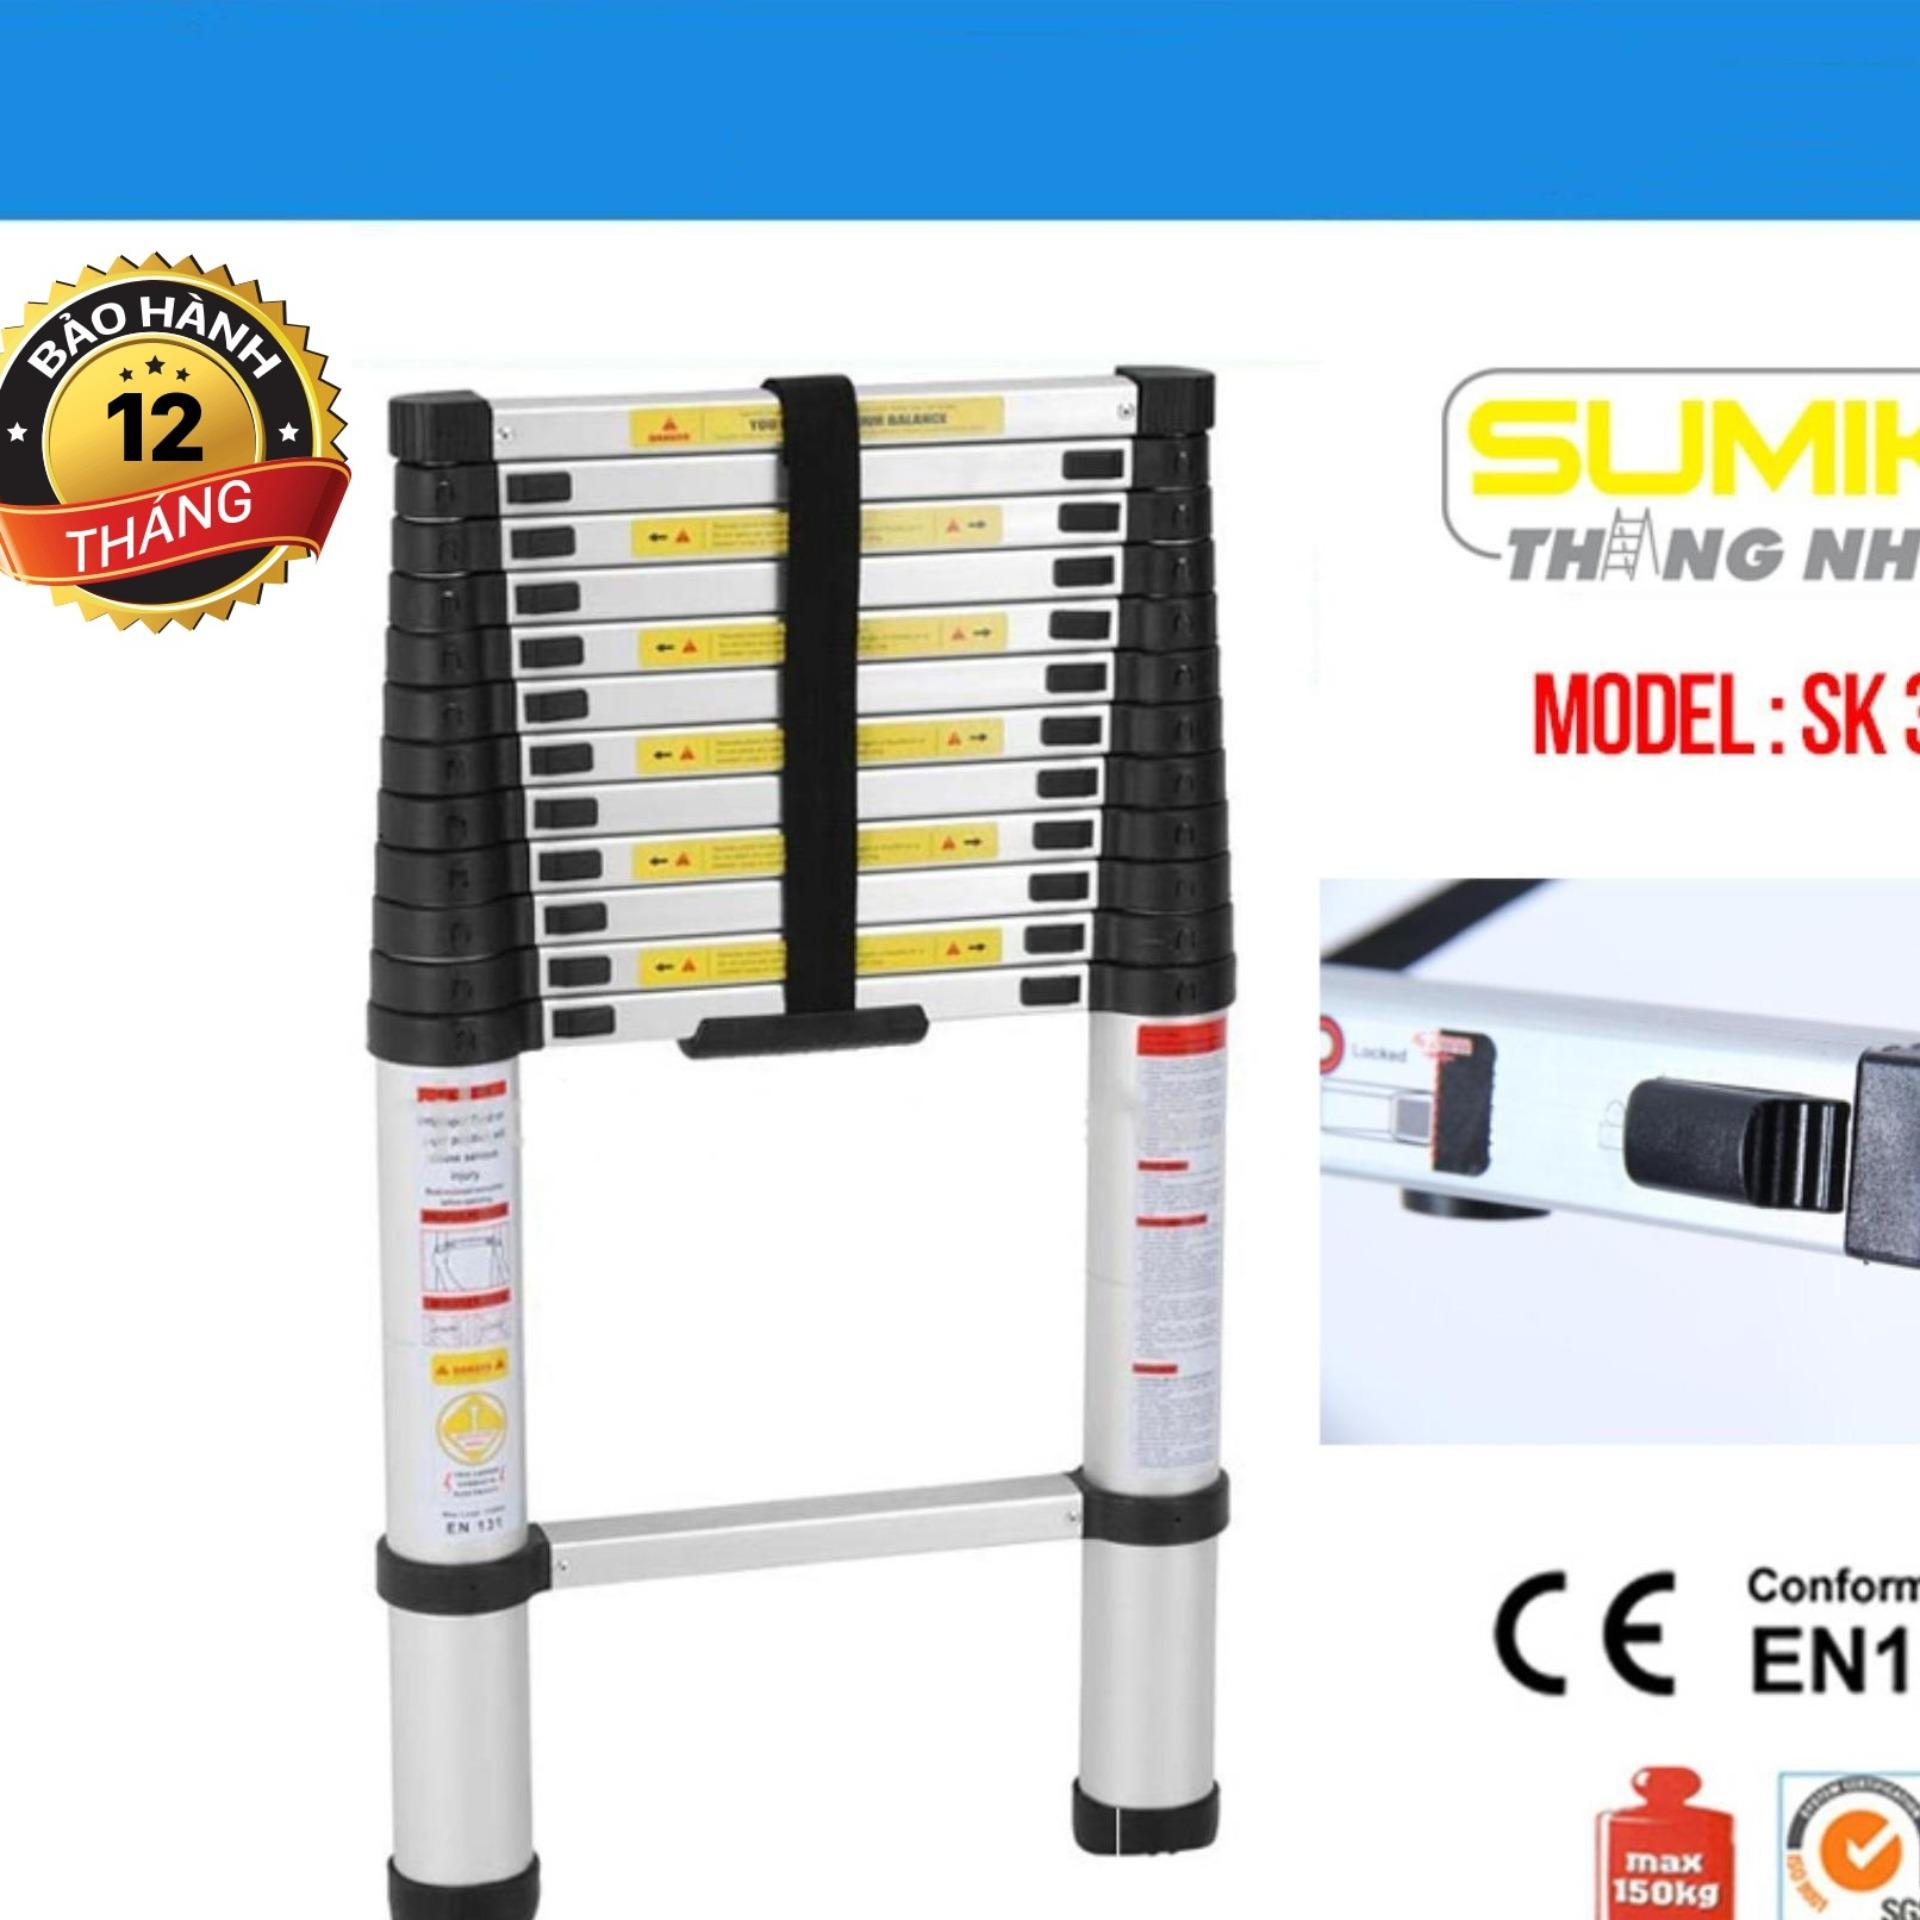 Thang nhôm rút gọn Sumika SK380 3.8m Ân Phước Store